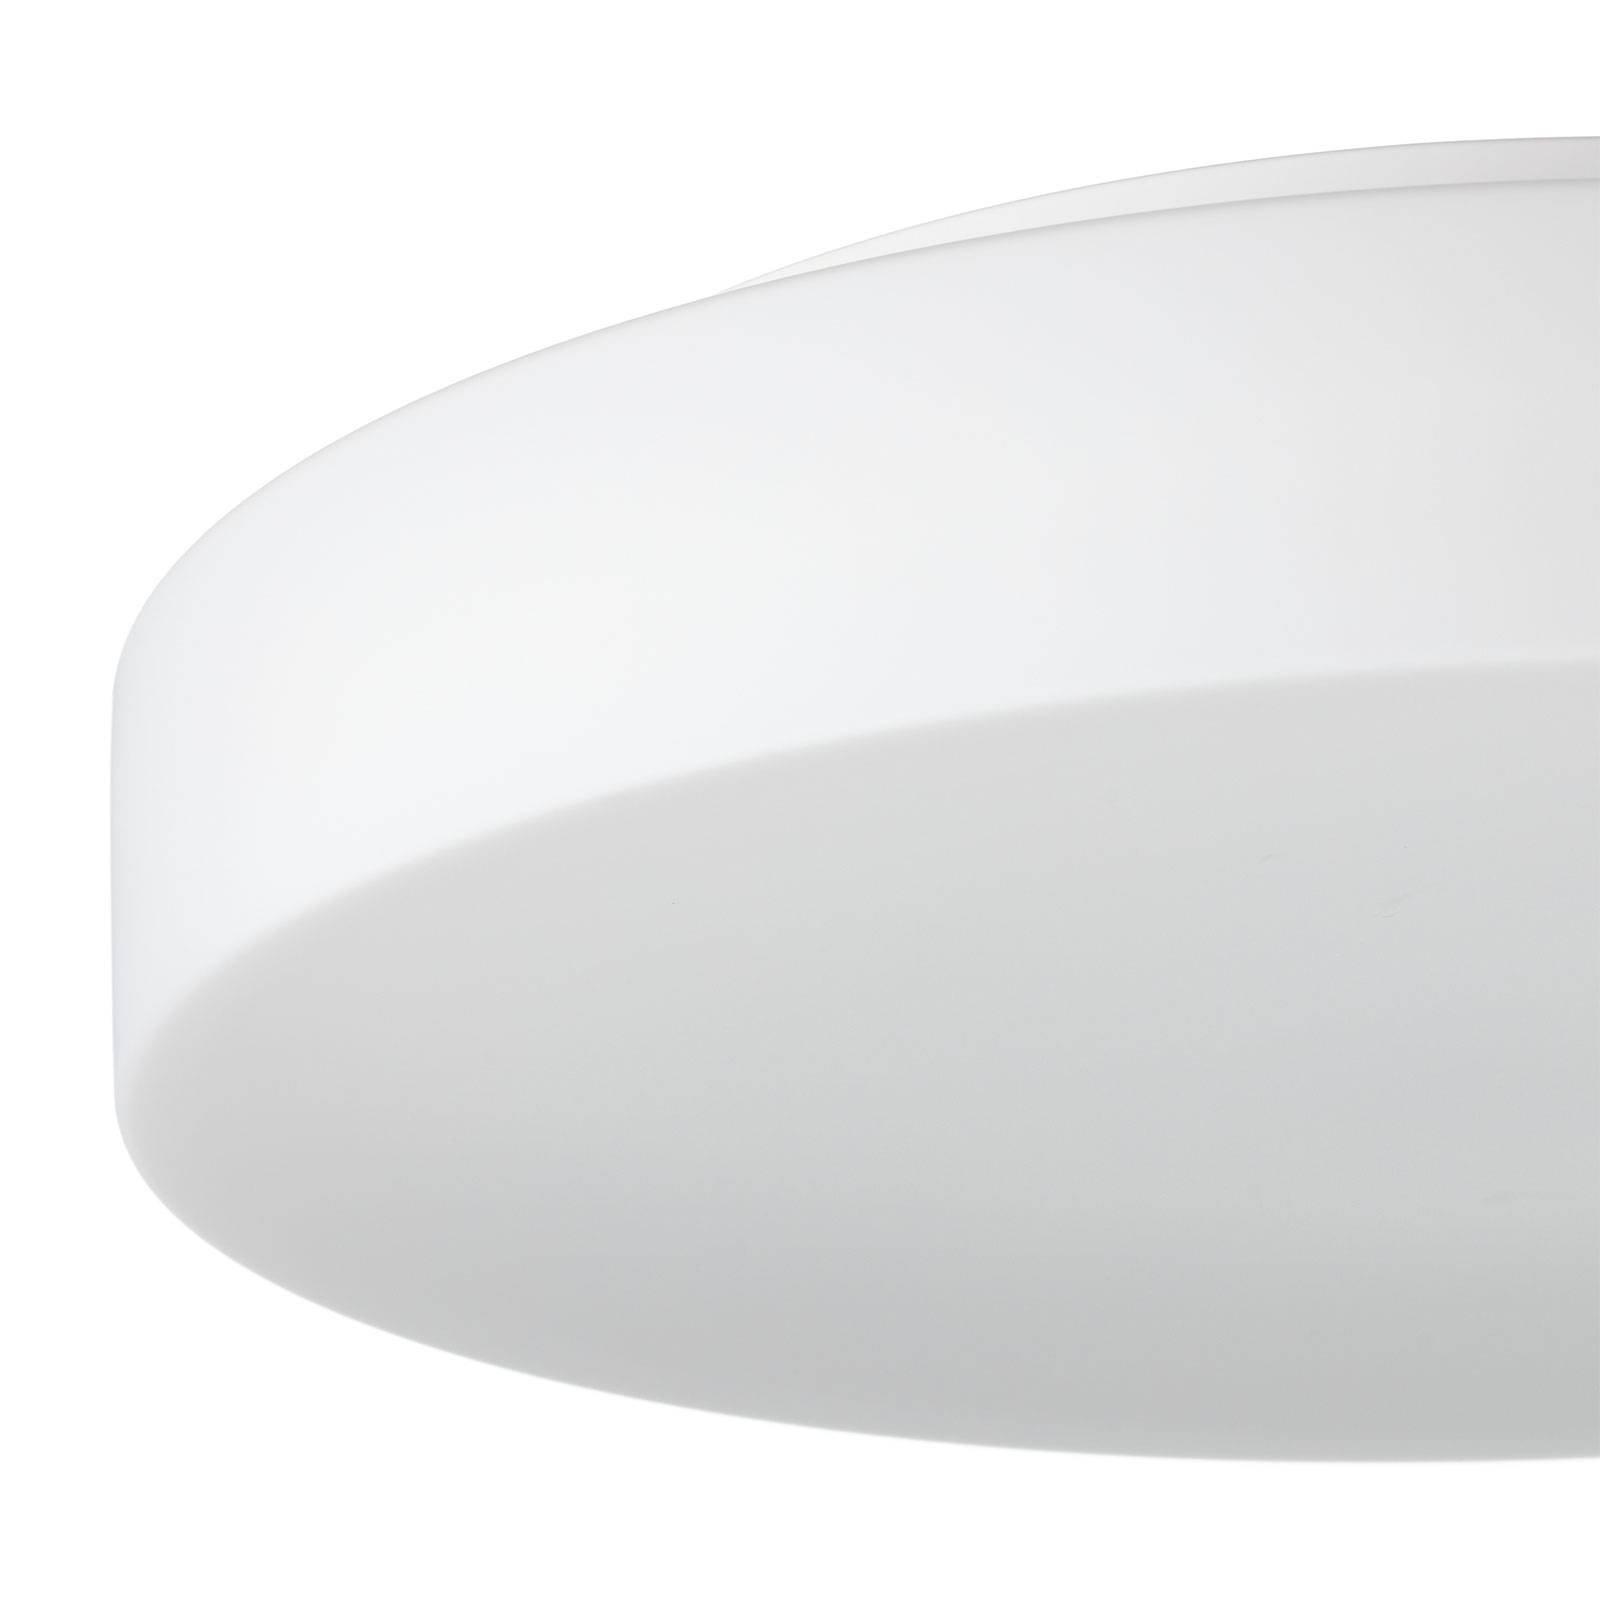 BEGA 34288 LED-taklampe glass DALI 4 000 K Ø 39 cm